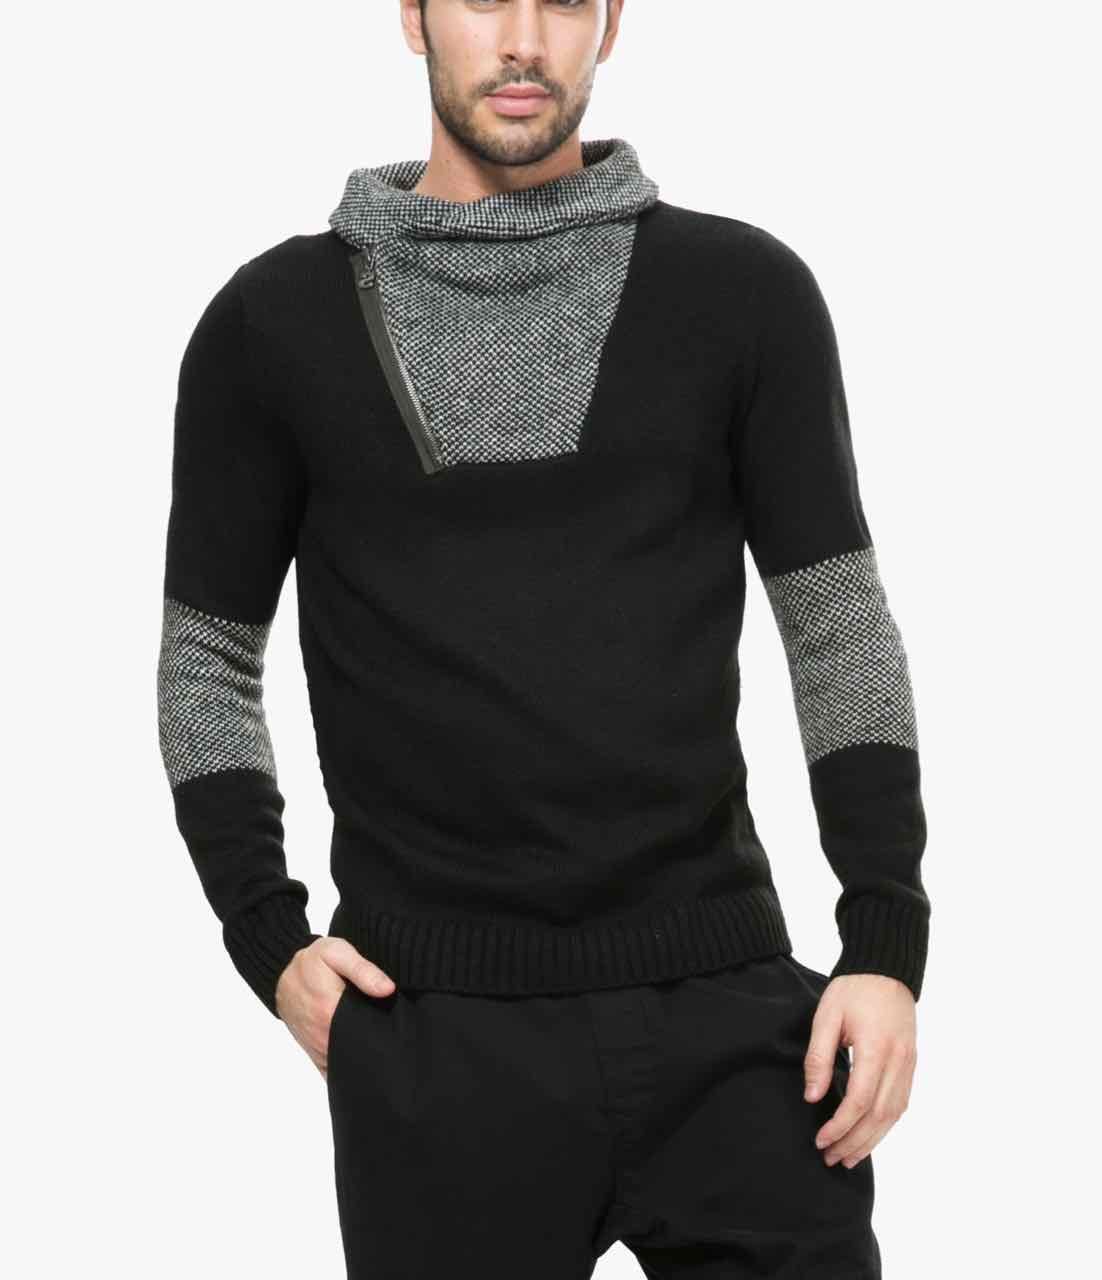 67j11A0 2000 Desigual Sweater Mario Buy Online